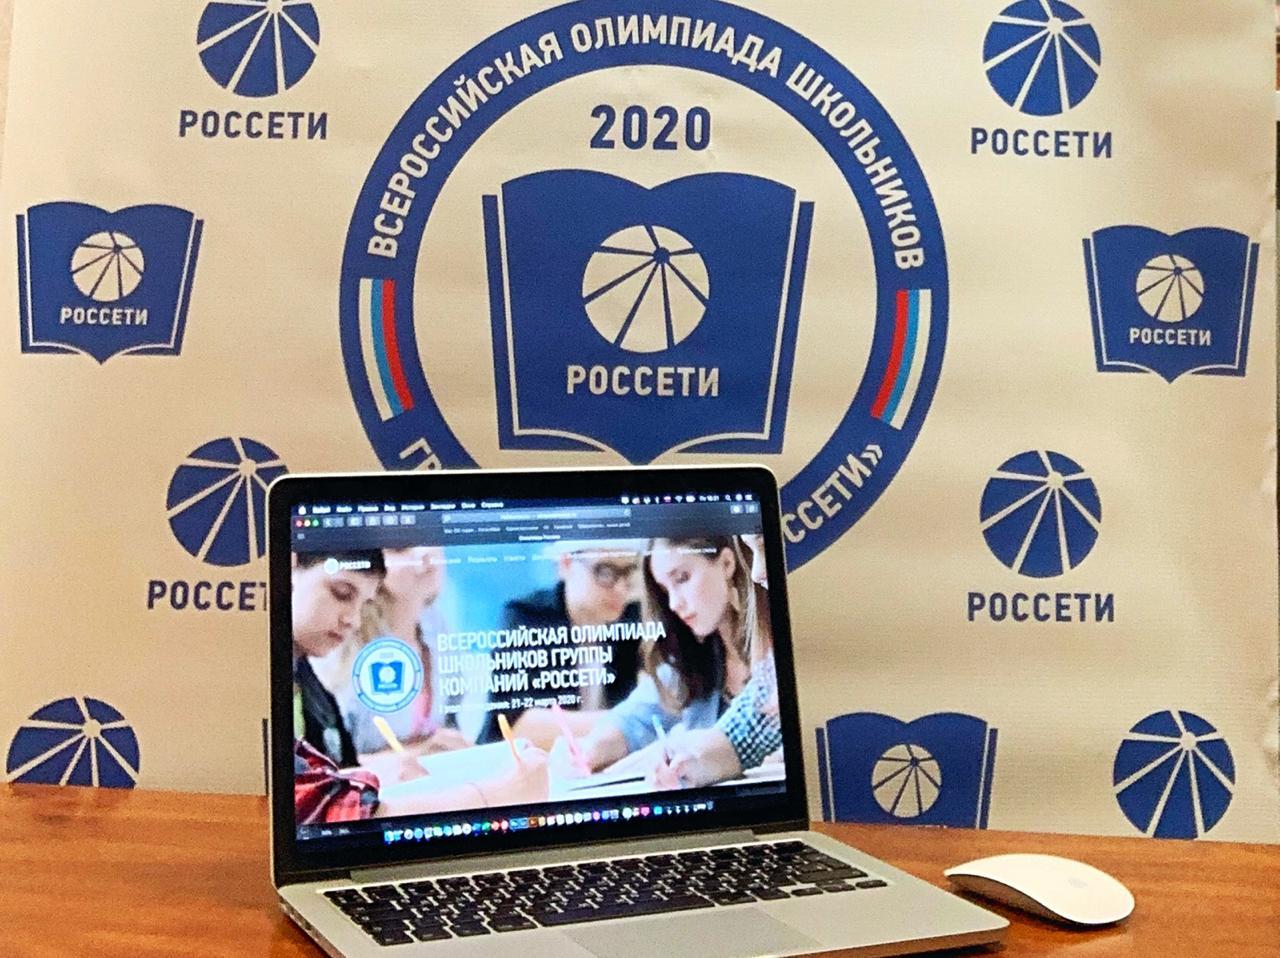 Около 80 старшеклассников из регионов «Россети Центр и «Россети Центр и Приволжье» приняли участие во втором этапе Всероссийской Олимпиады школьников ПАО «Россети»